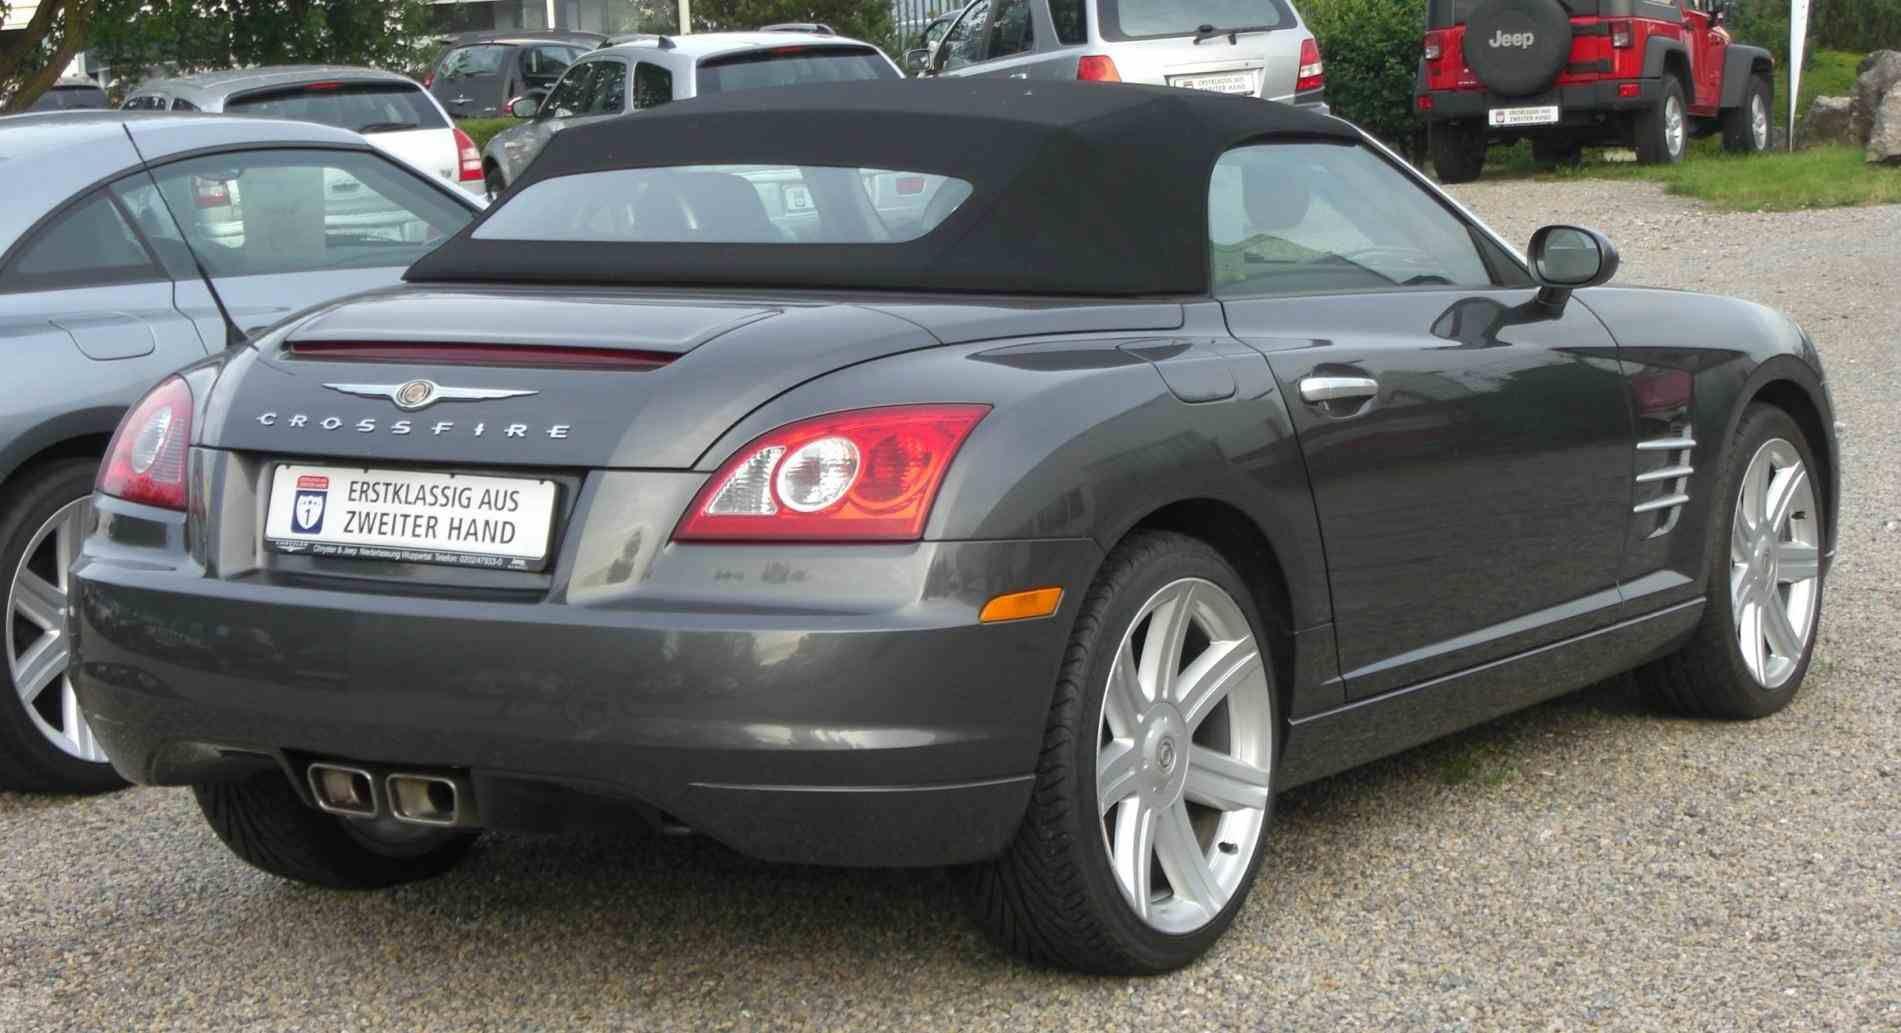 Pin On Chrysler Crossfire 2016 Black